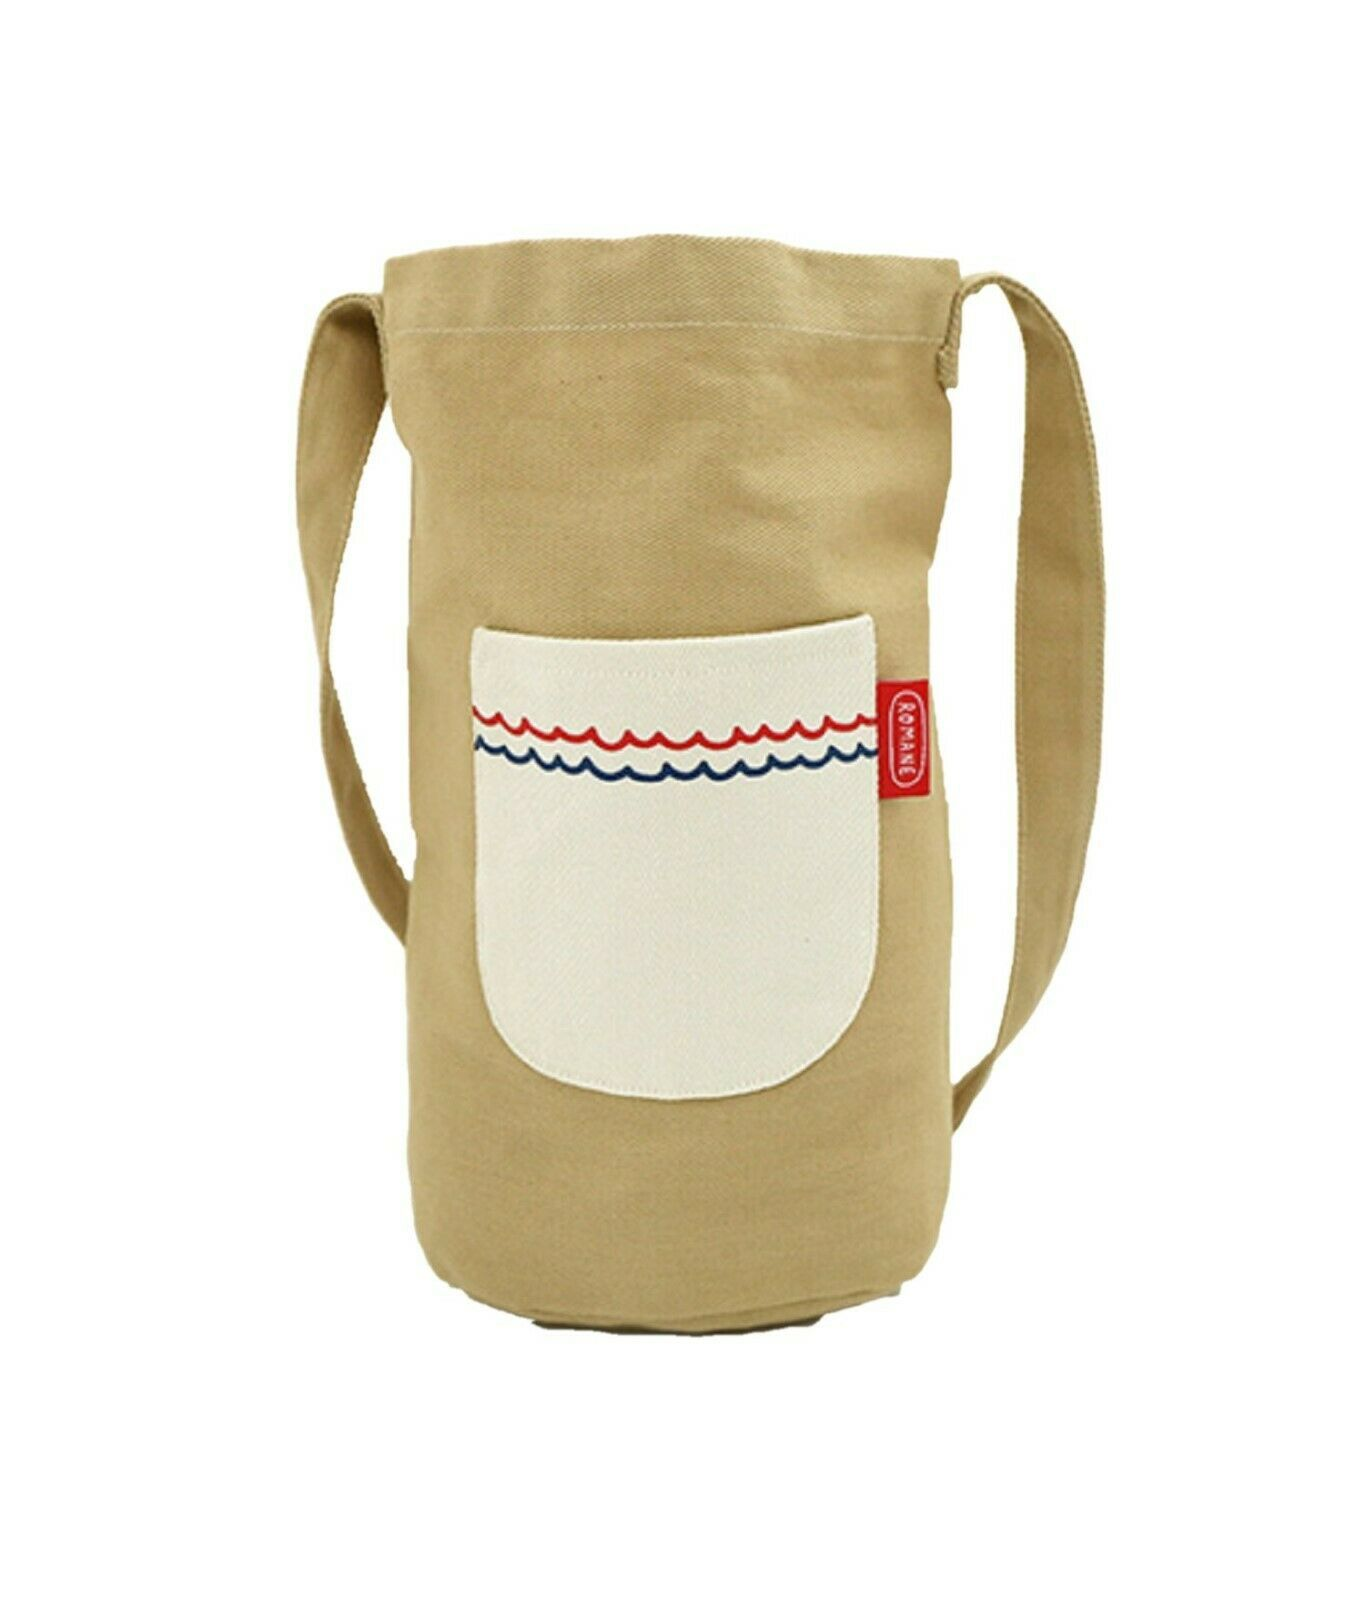 Romane Baguette Tote Bag Cotton Canvas Eco reusable Daily Shopper Bag (Beige)